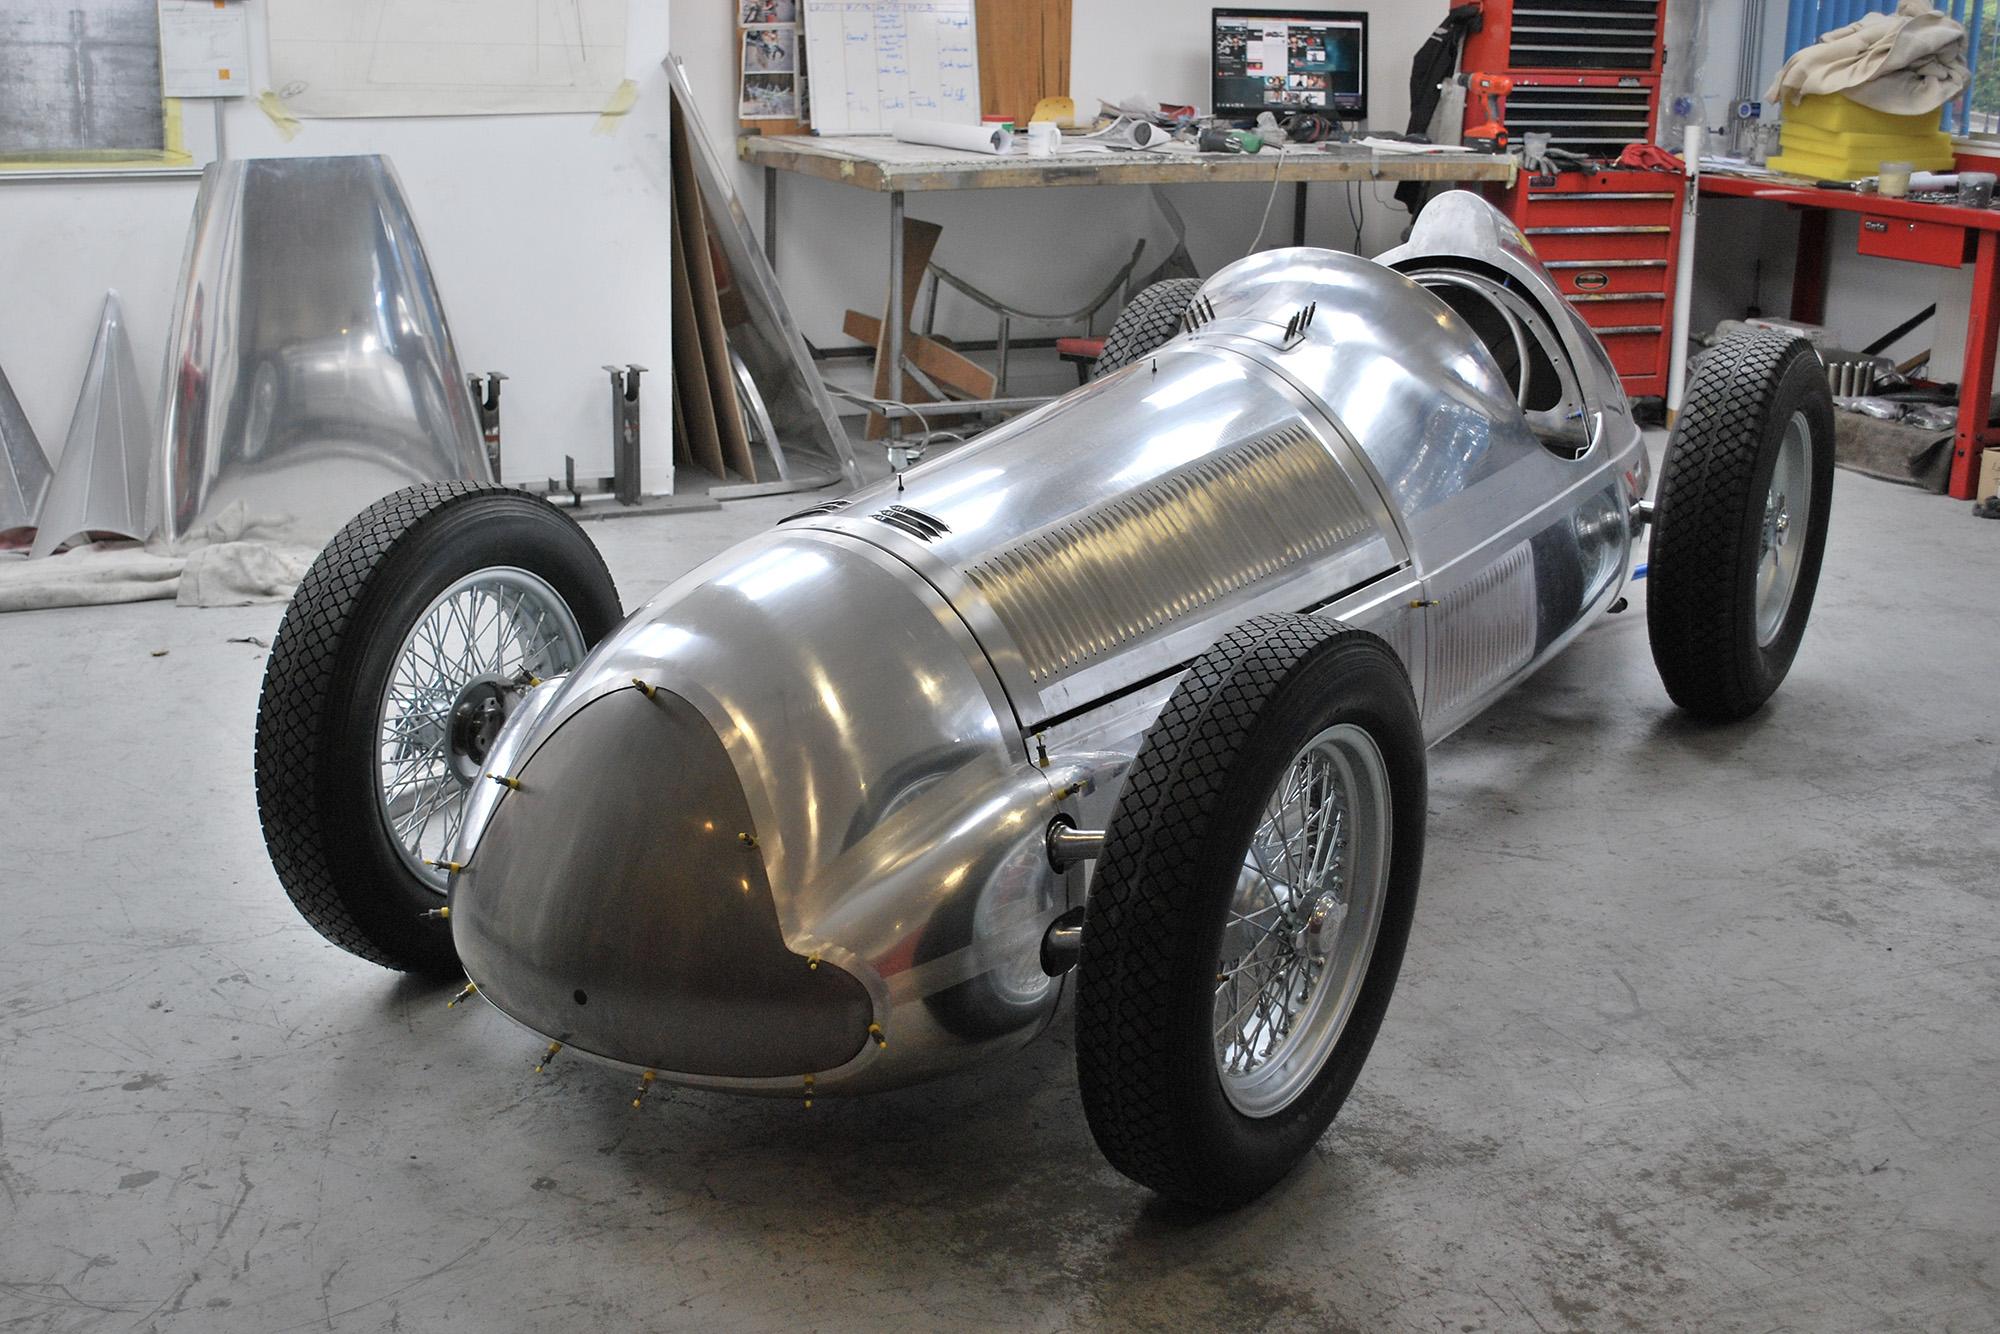 Alfa 158 in bare aluminium